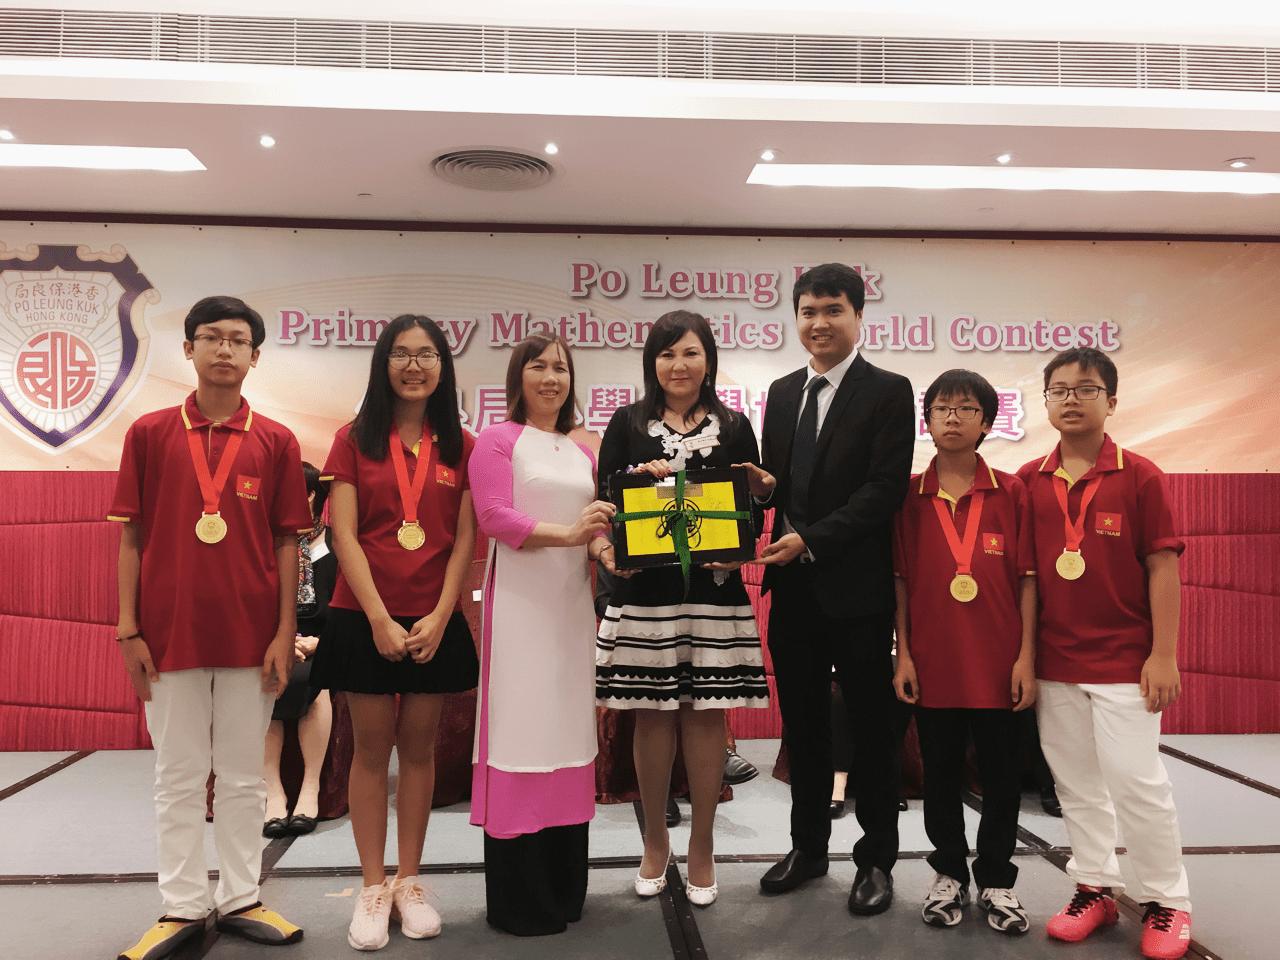 Học sinh trường THCS Cầu Giấy đạt huy chương đồng trong kỳ thi Toán Quốc tế Po Leung Kuk lần thứ 21 (21th PMWC) tổ chức tại Hong Kong